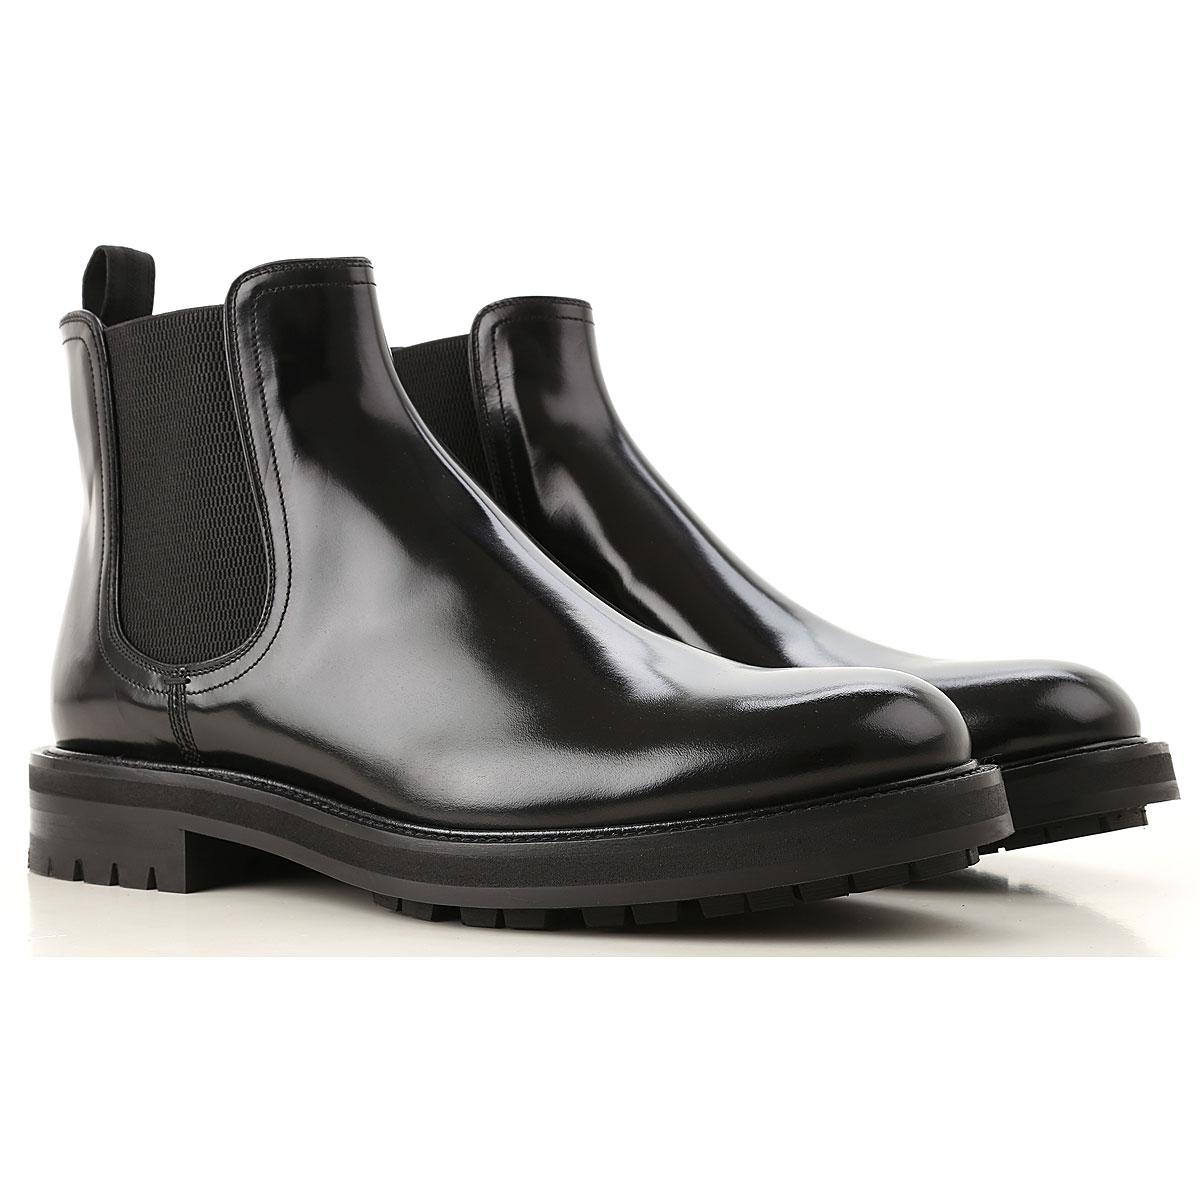 2e41a0fc8e3 Dolce & Gabbana Chelsea Μπότες για Άνδρες Σε Έκπτωση, Μαύρο, Δέρμα ...